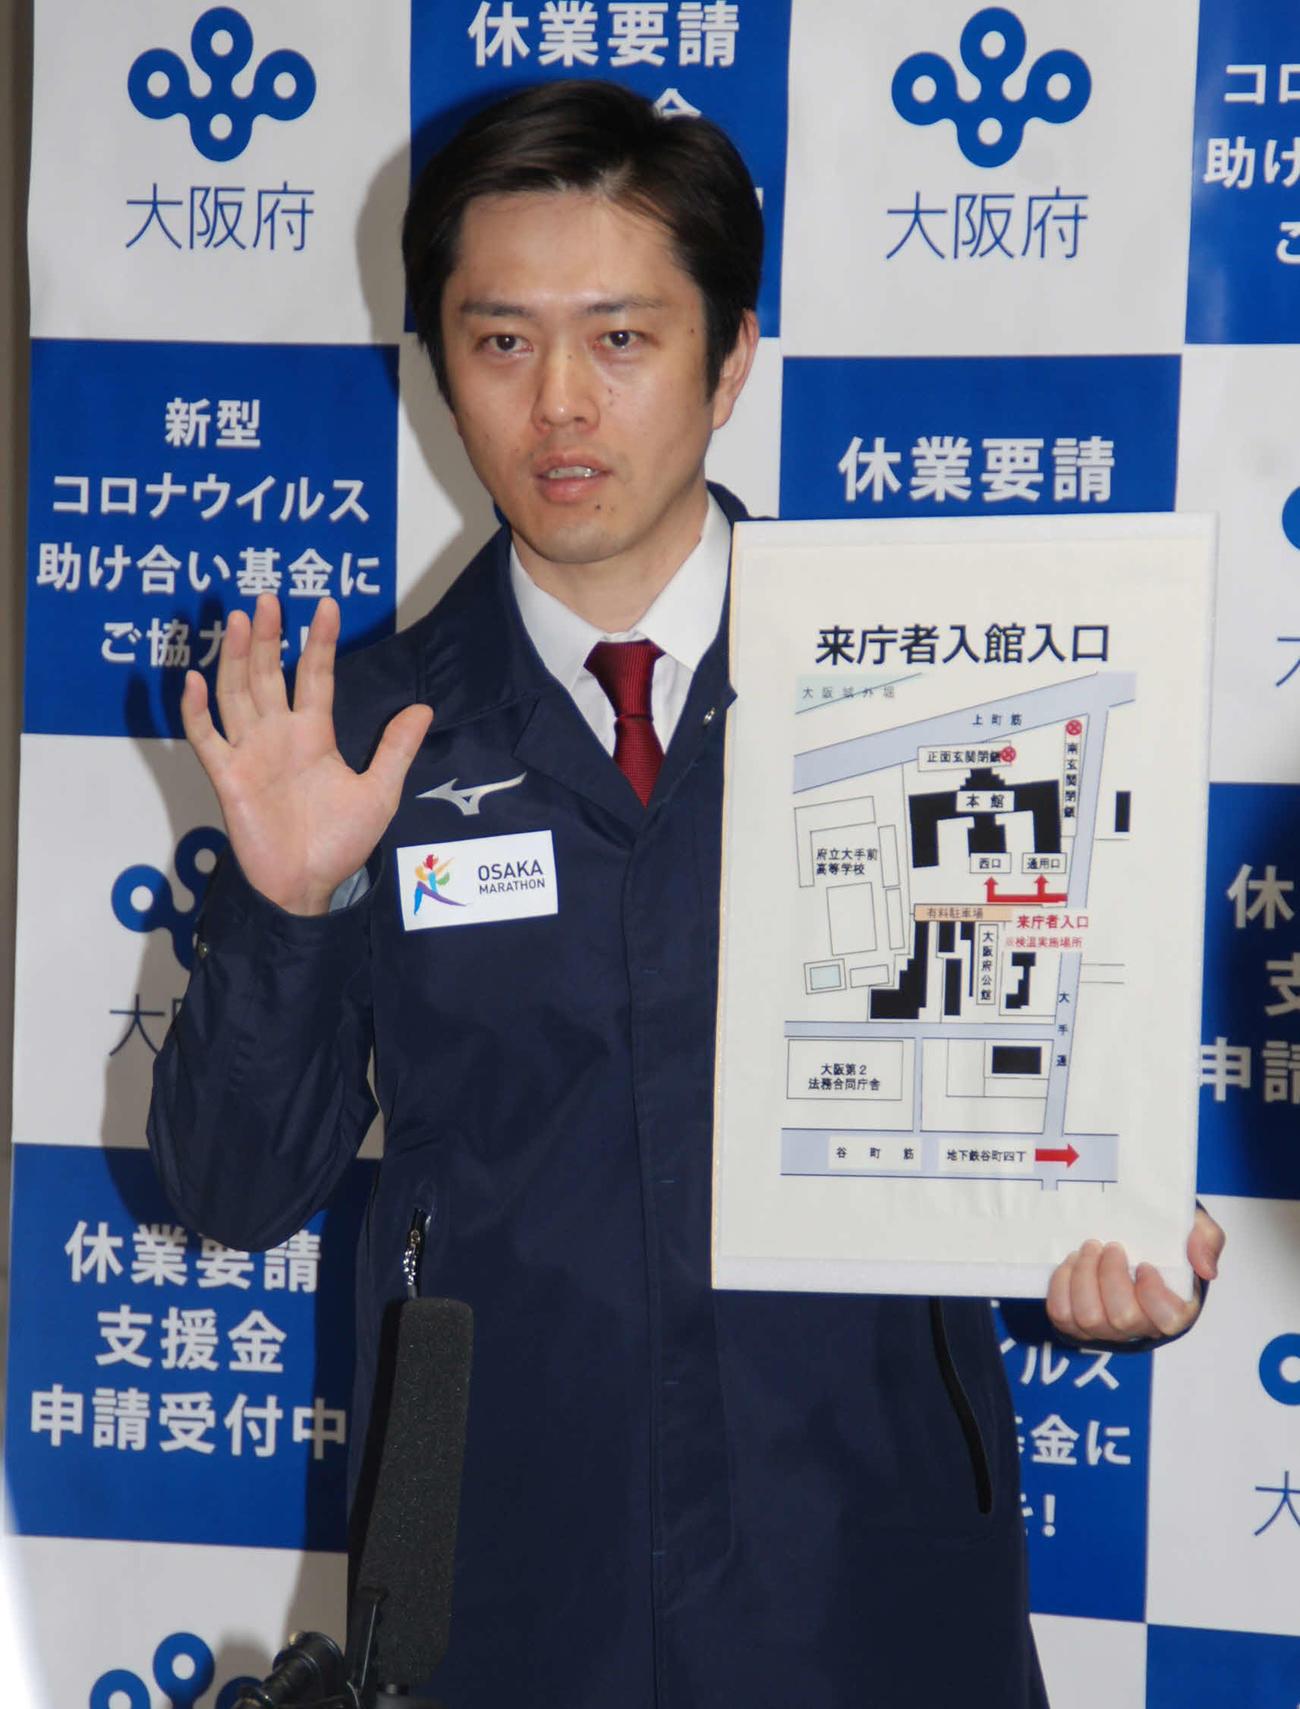 大阪府庁で記者団の質問に答える吉村洋文知事(撮影・松浦隆司)